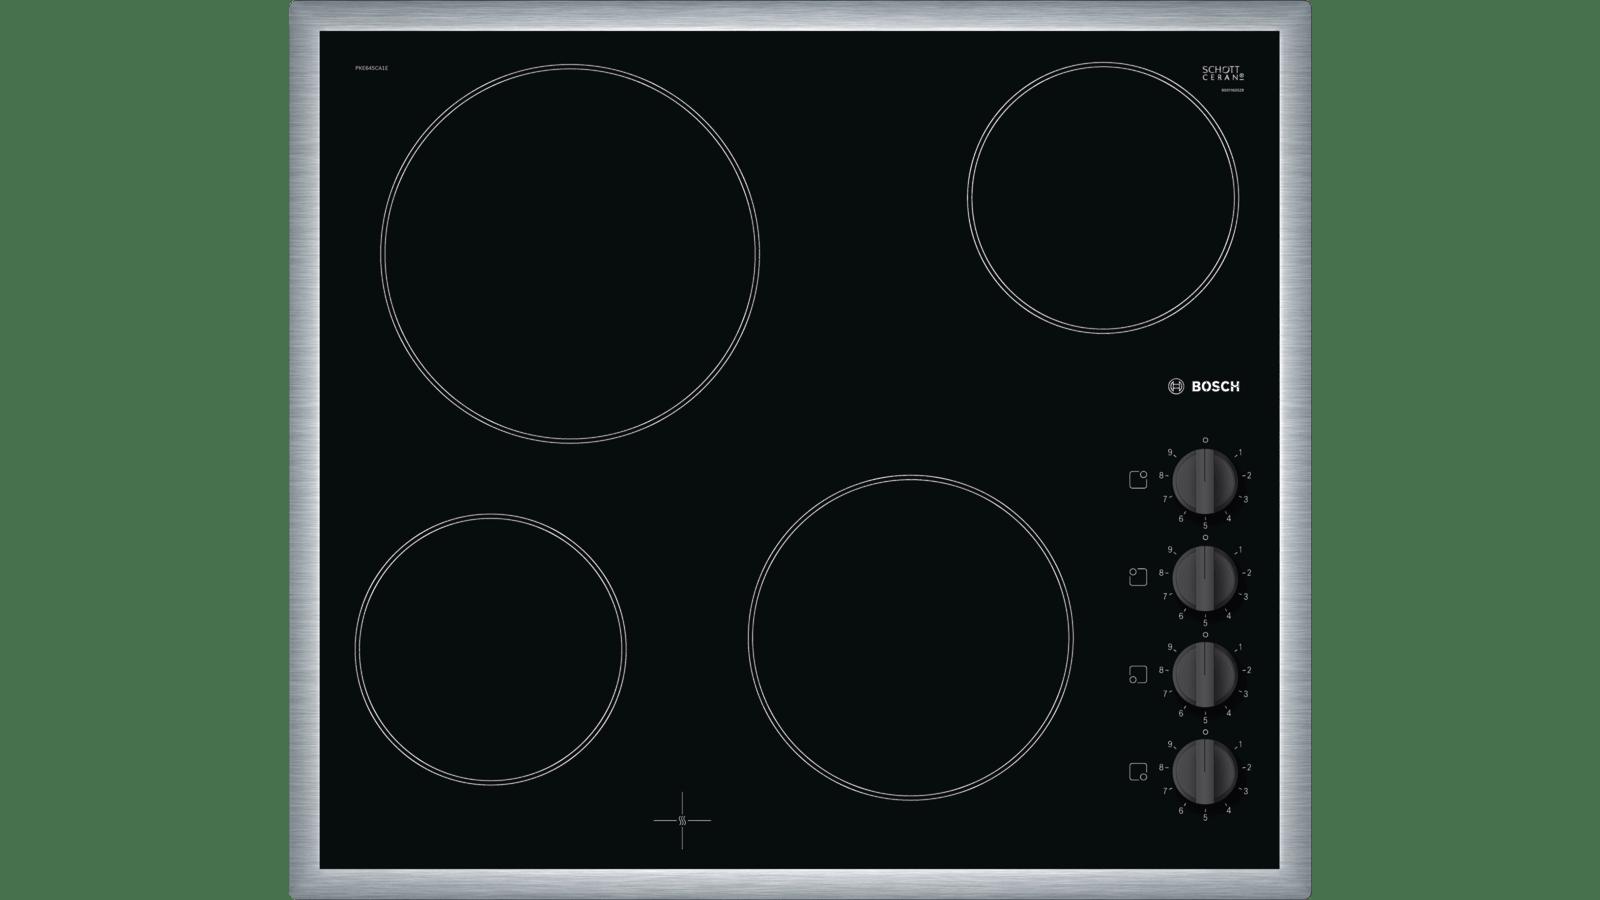 Comparatif Table De Cuisson Induction Et Vitroceramique série 2 table électrique 60 cm noir pke645ca1e